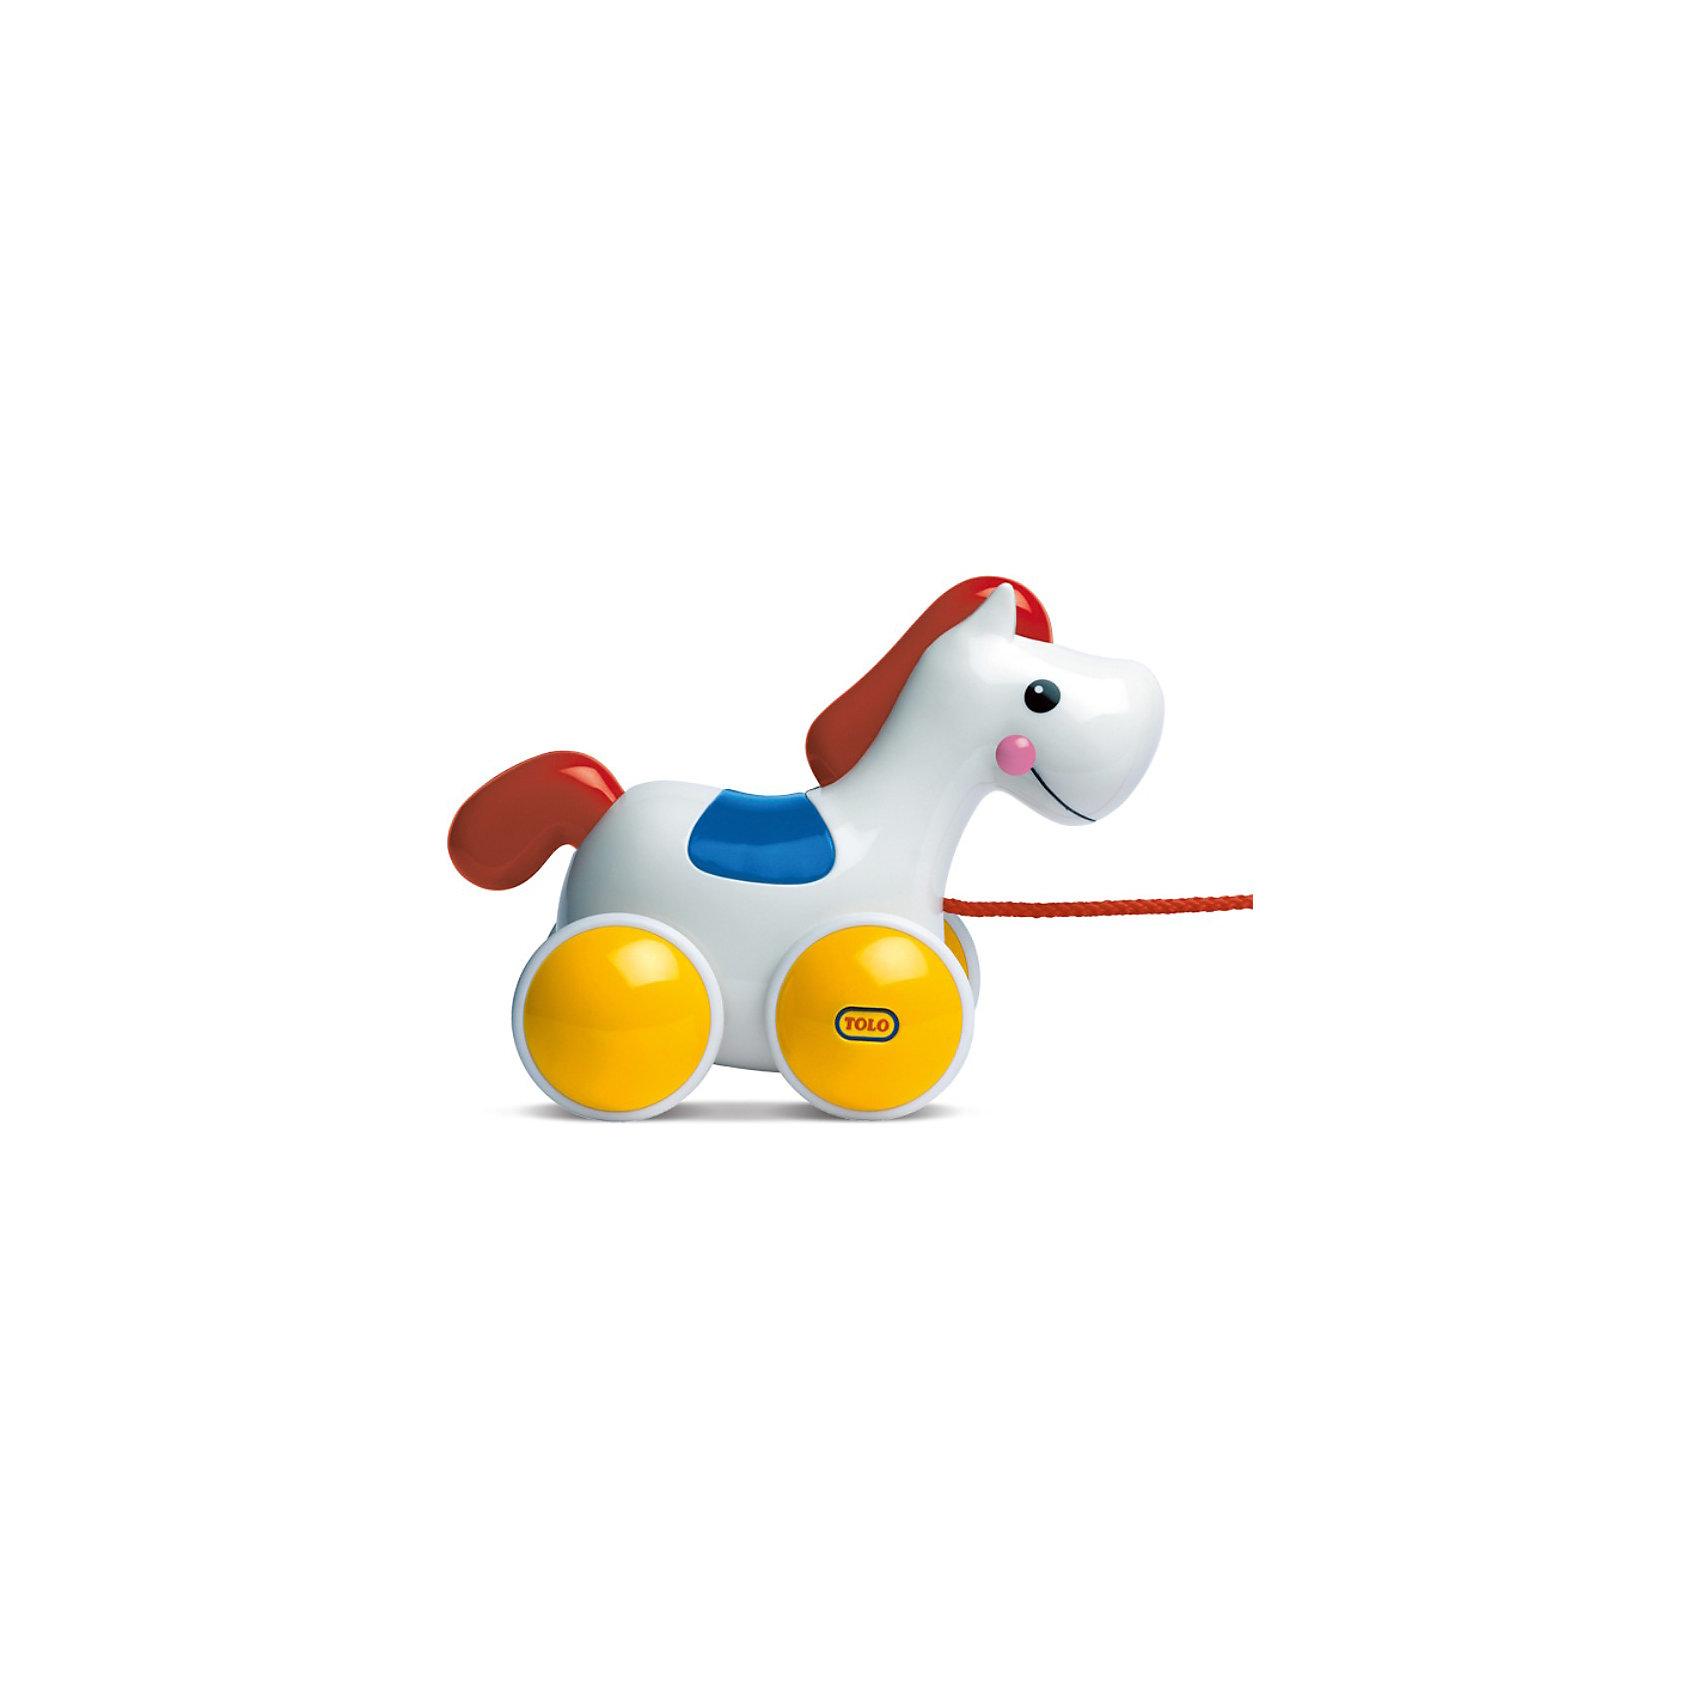 Игрушка Лошадка на колесах, TOLO CLASSICИгрушка Лошадка на колесах, TOLO CLASSIC (ТОЛО) - это разноцветная игрушка, с дружелюбной мордашкой. Лошадку можно возить на веревочке или катать ручками. Во время движения пони качает головой и цокает копытами.<br><br>Дополнительная информация:<br><br>- материал: пластмасса<br>- размеры упаковки: 31 х 17 х 18 см<br><br>Игрушку Лошадка на колесах, TOLO CLASSIC можно купить в нашем магазине.<br><br>Ширина мм: 310<br>Глубина мм: 168<br>Высота мм: 178<br>Вес г: 660<br>Возраст от месяцев: 12<br>Возраст до месяцев: 36<br>Пол: Унисекс<br>Возраст: Детский<br>SKU: 1440111